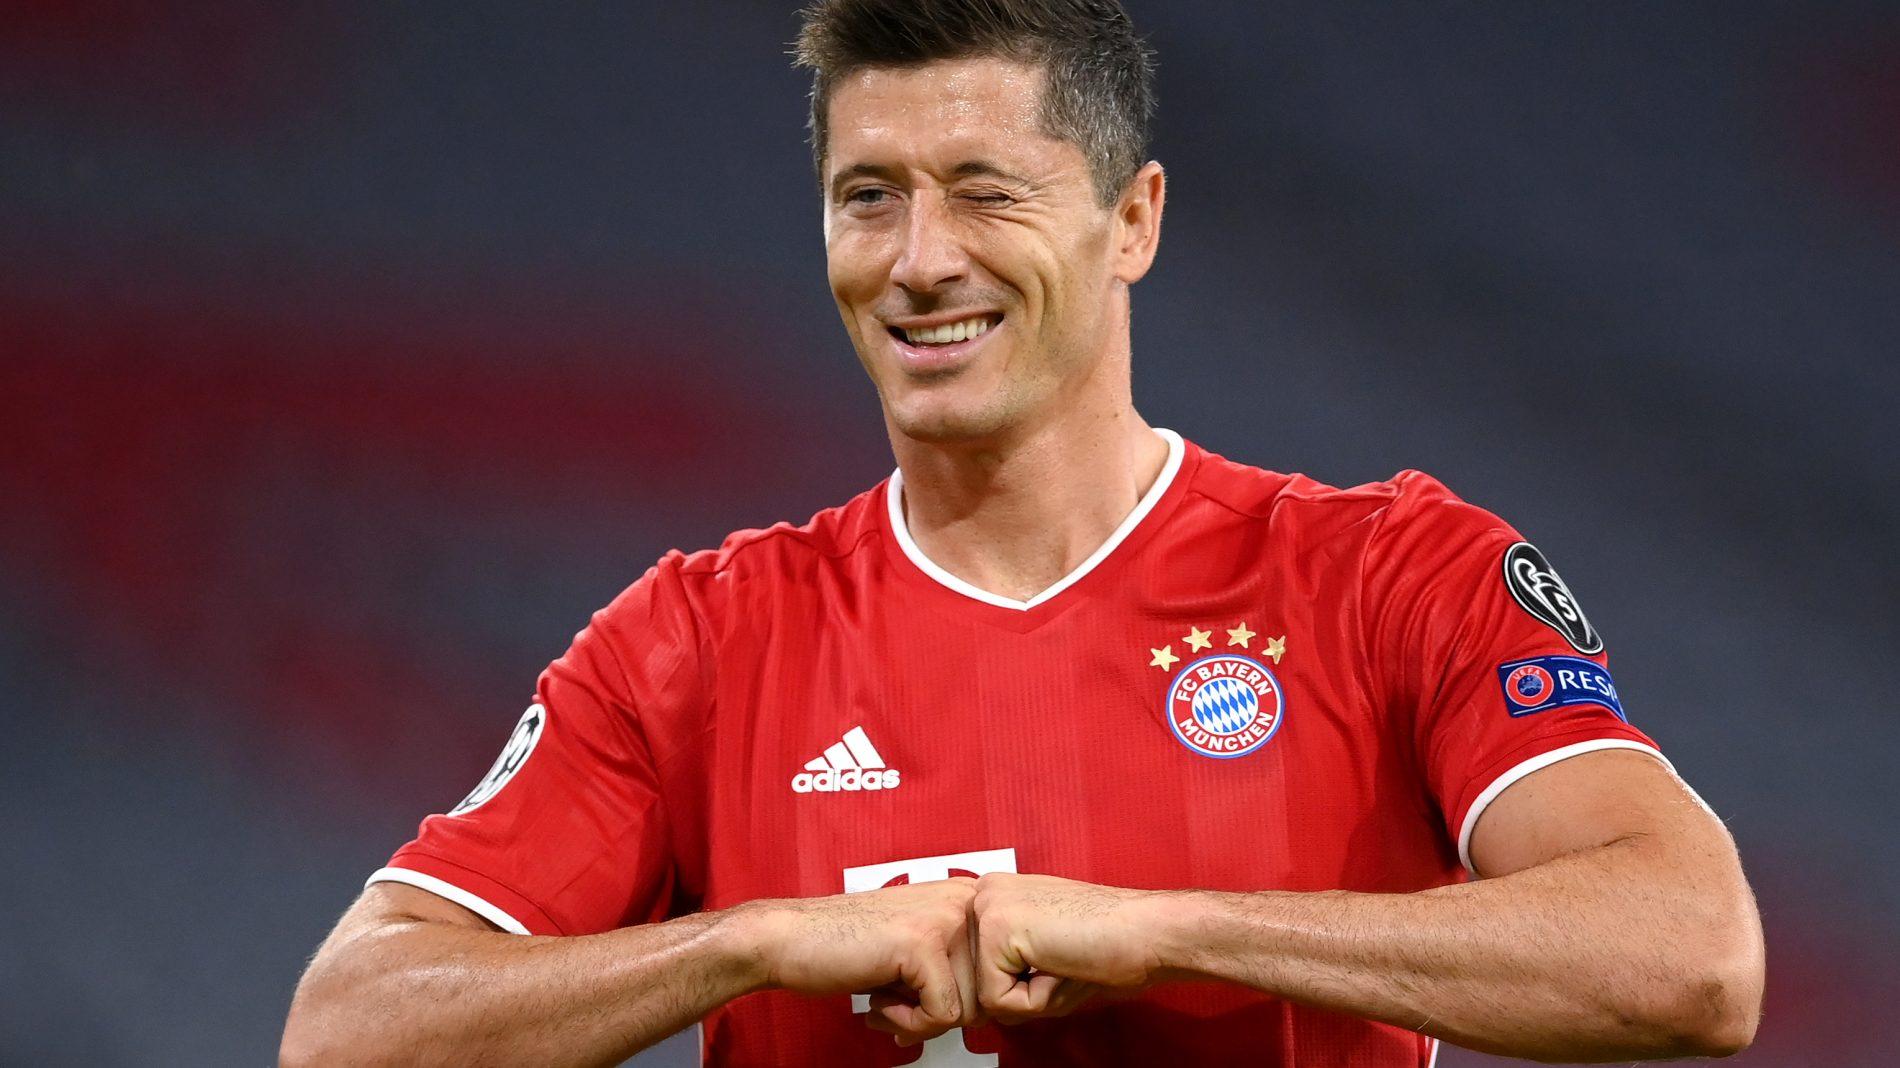 大施魏因斯泰格:莱万是现在比梅西C罗更好的球员